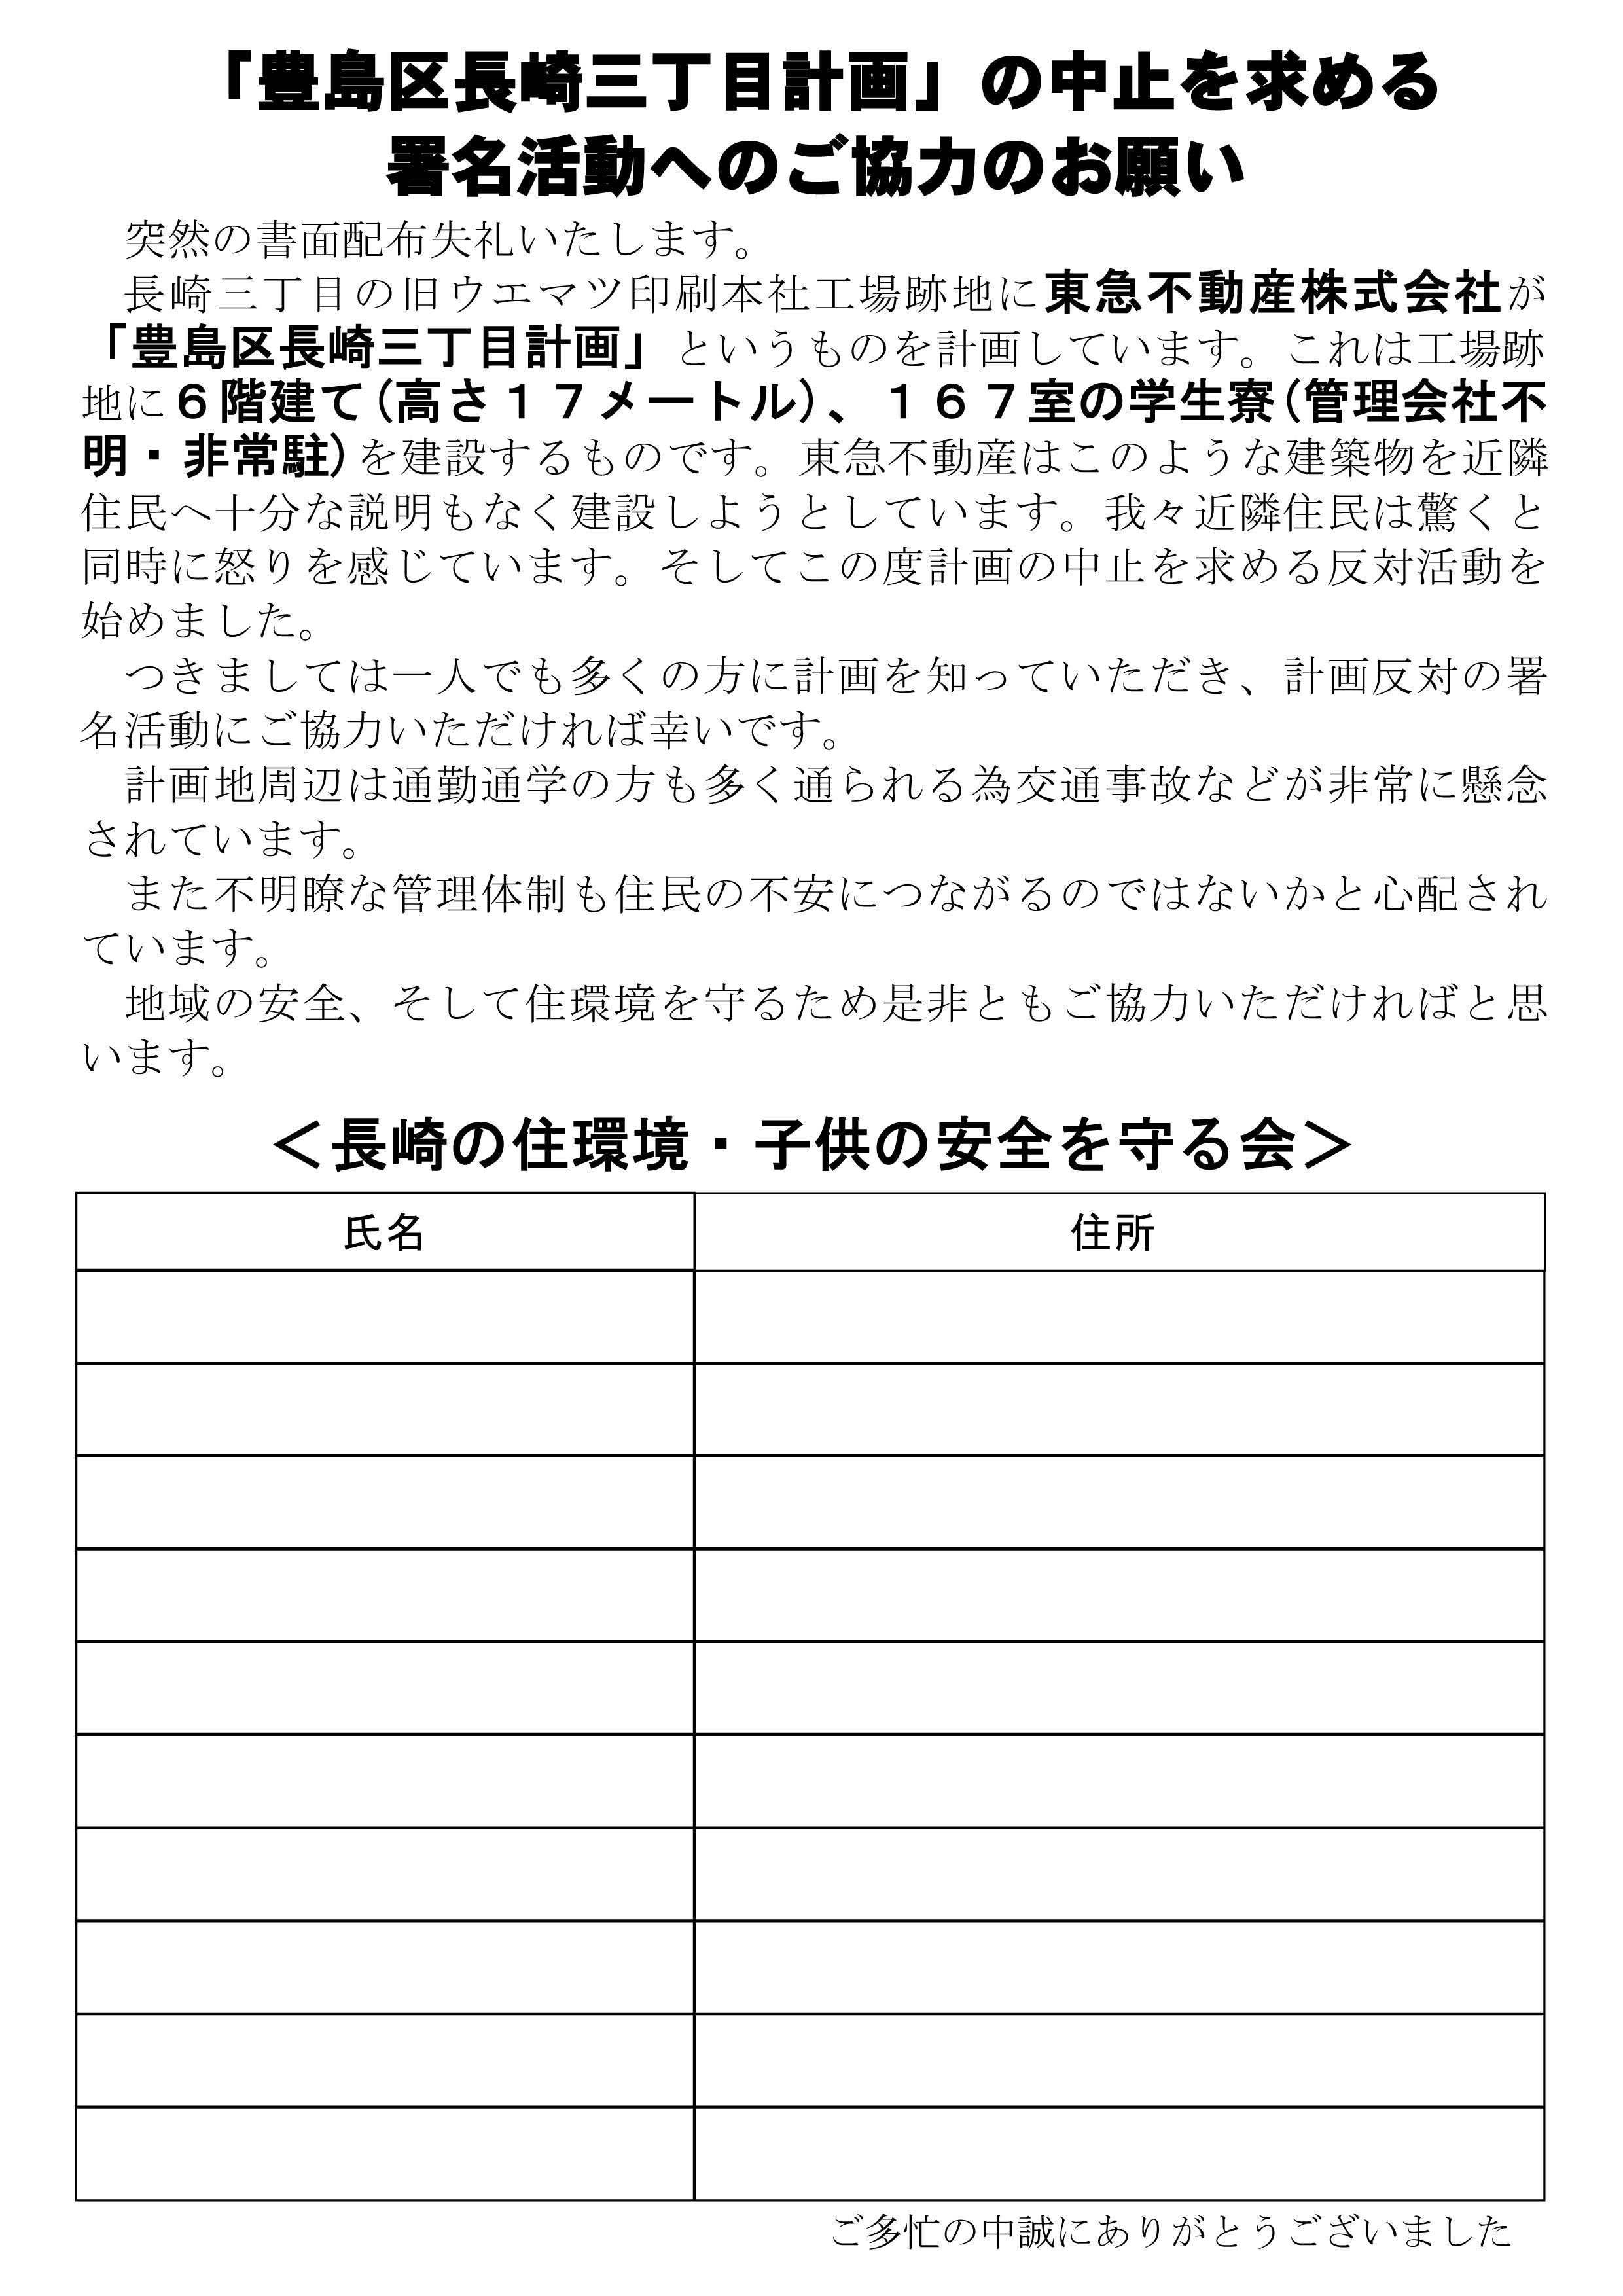 署名 - 豊島區長崎三丁目計畫反対!!